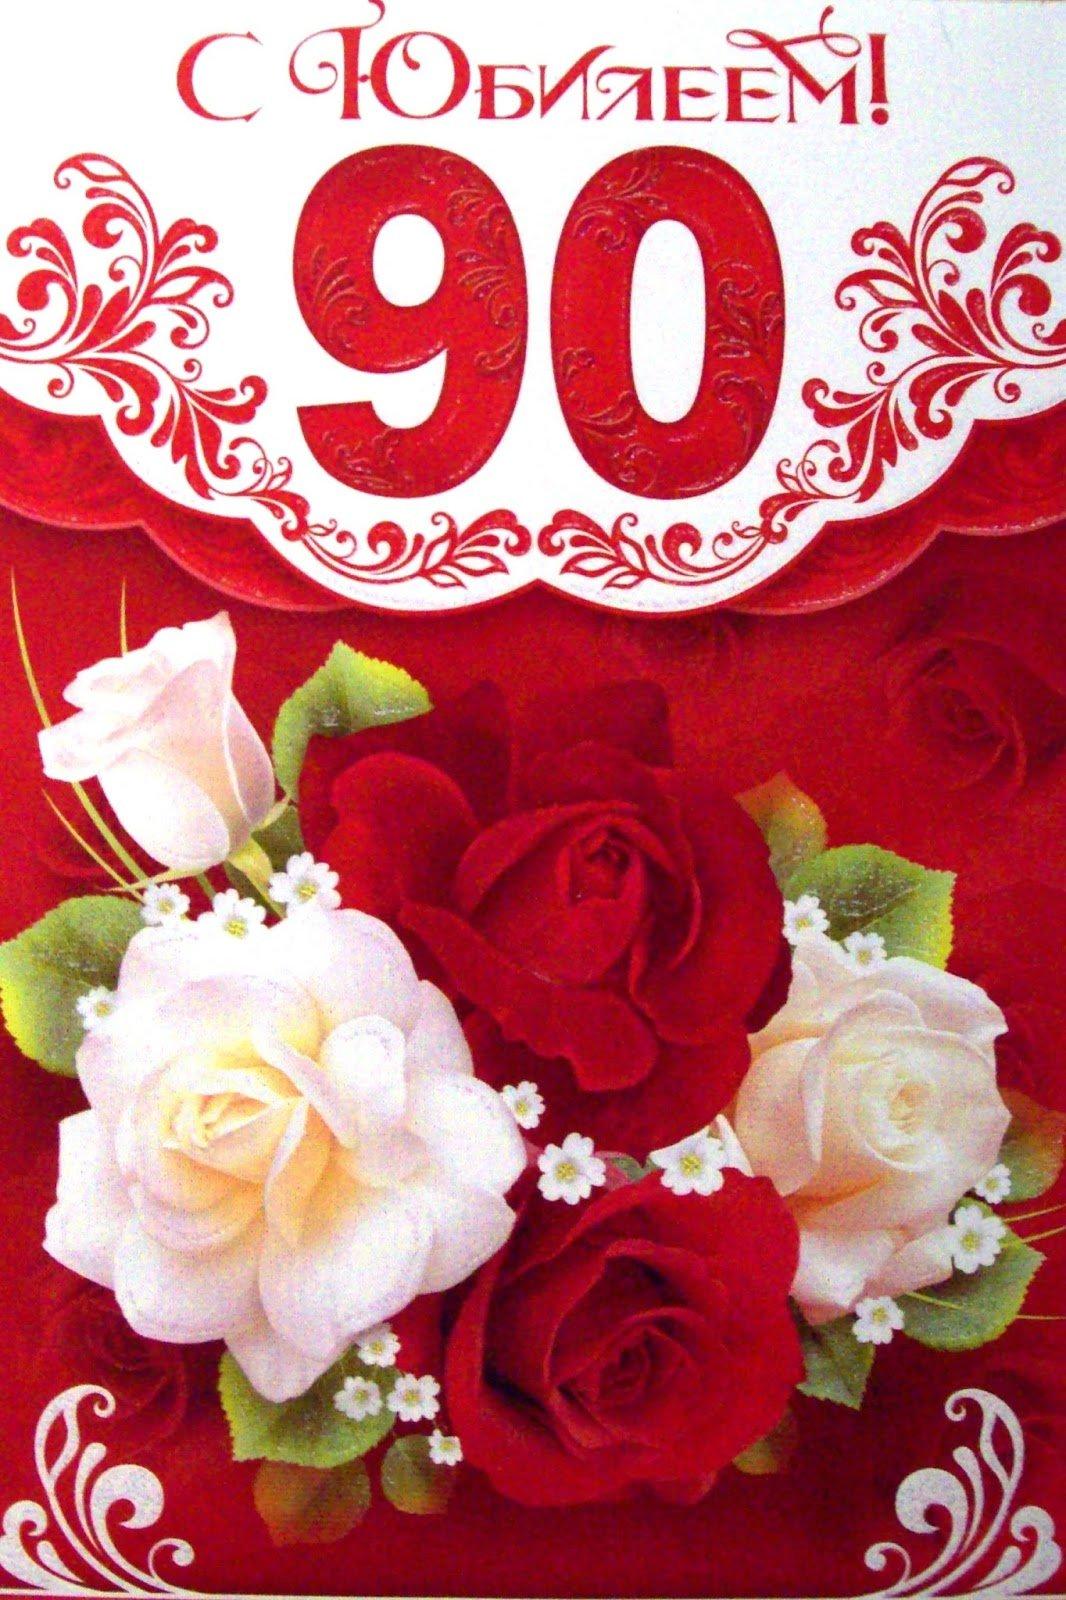 Поздравления с 90 юбилеем открытки, анимационные